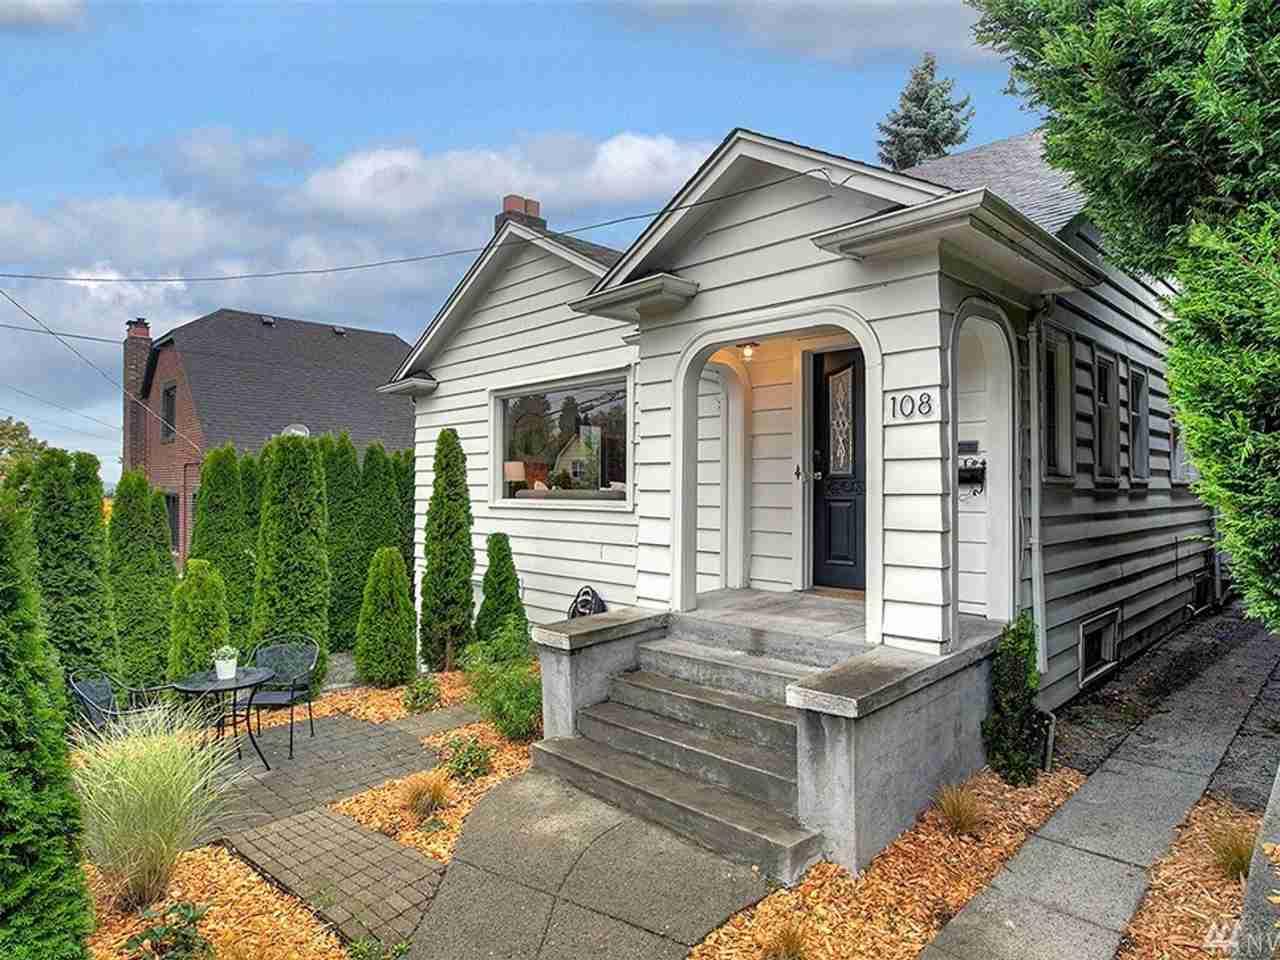 108 N 55th St Seattle, WA, 98103